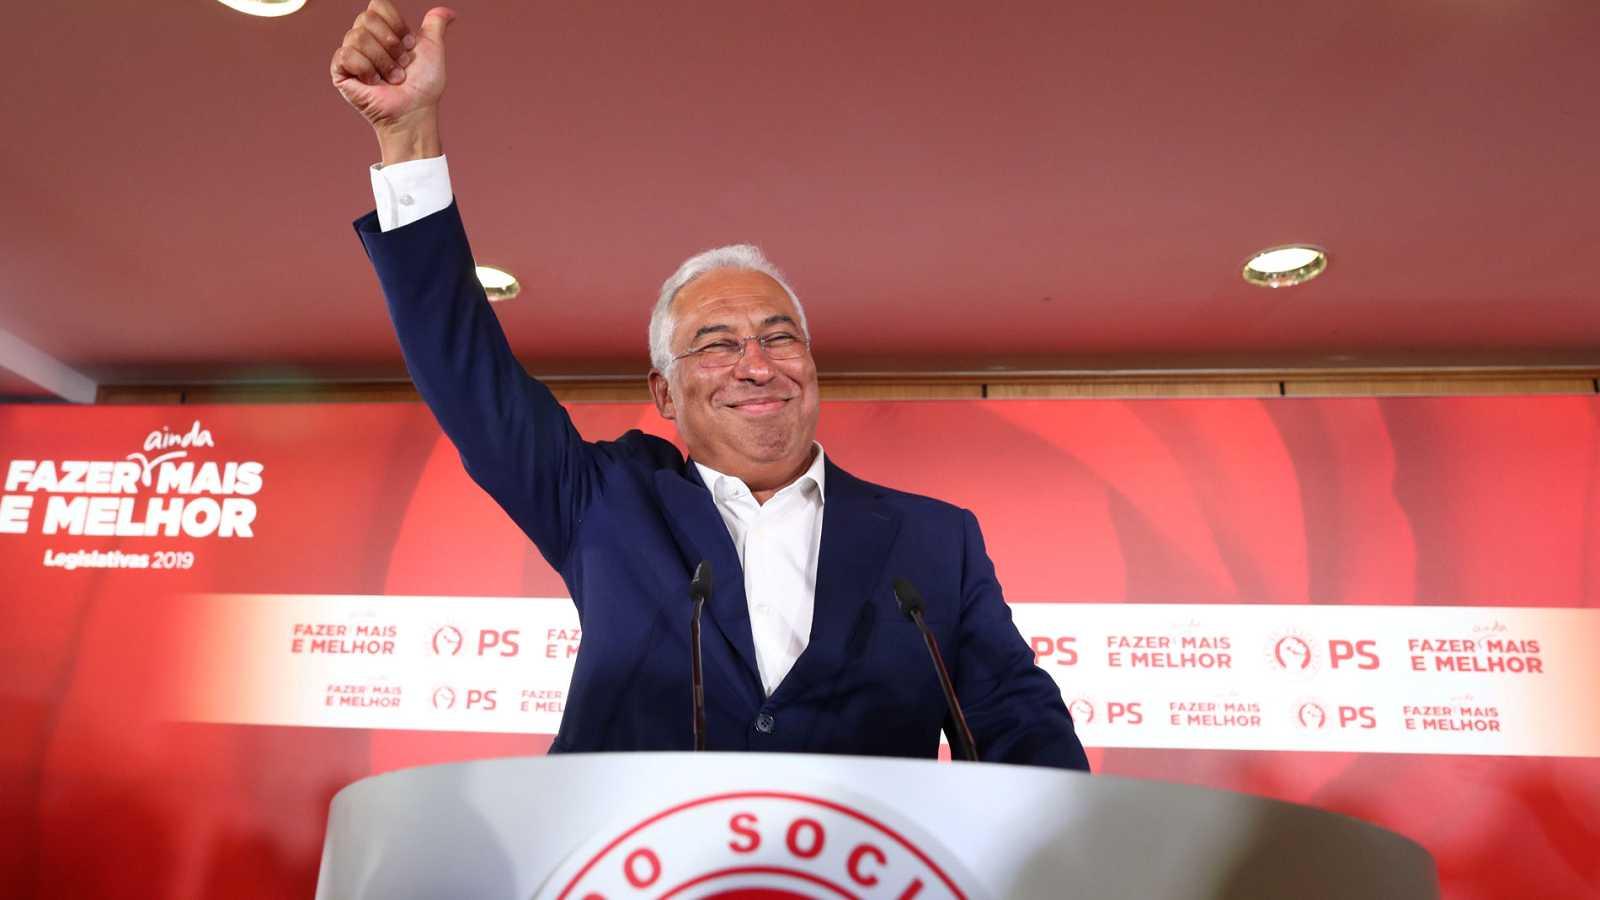 António Costa gana las elecciones en Portugal, aunque sin lograr mayoría absoluta